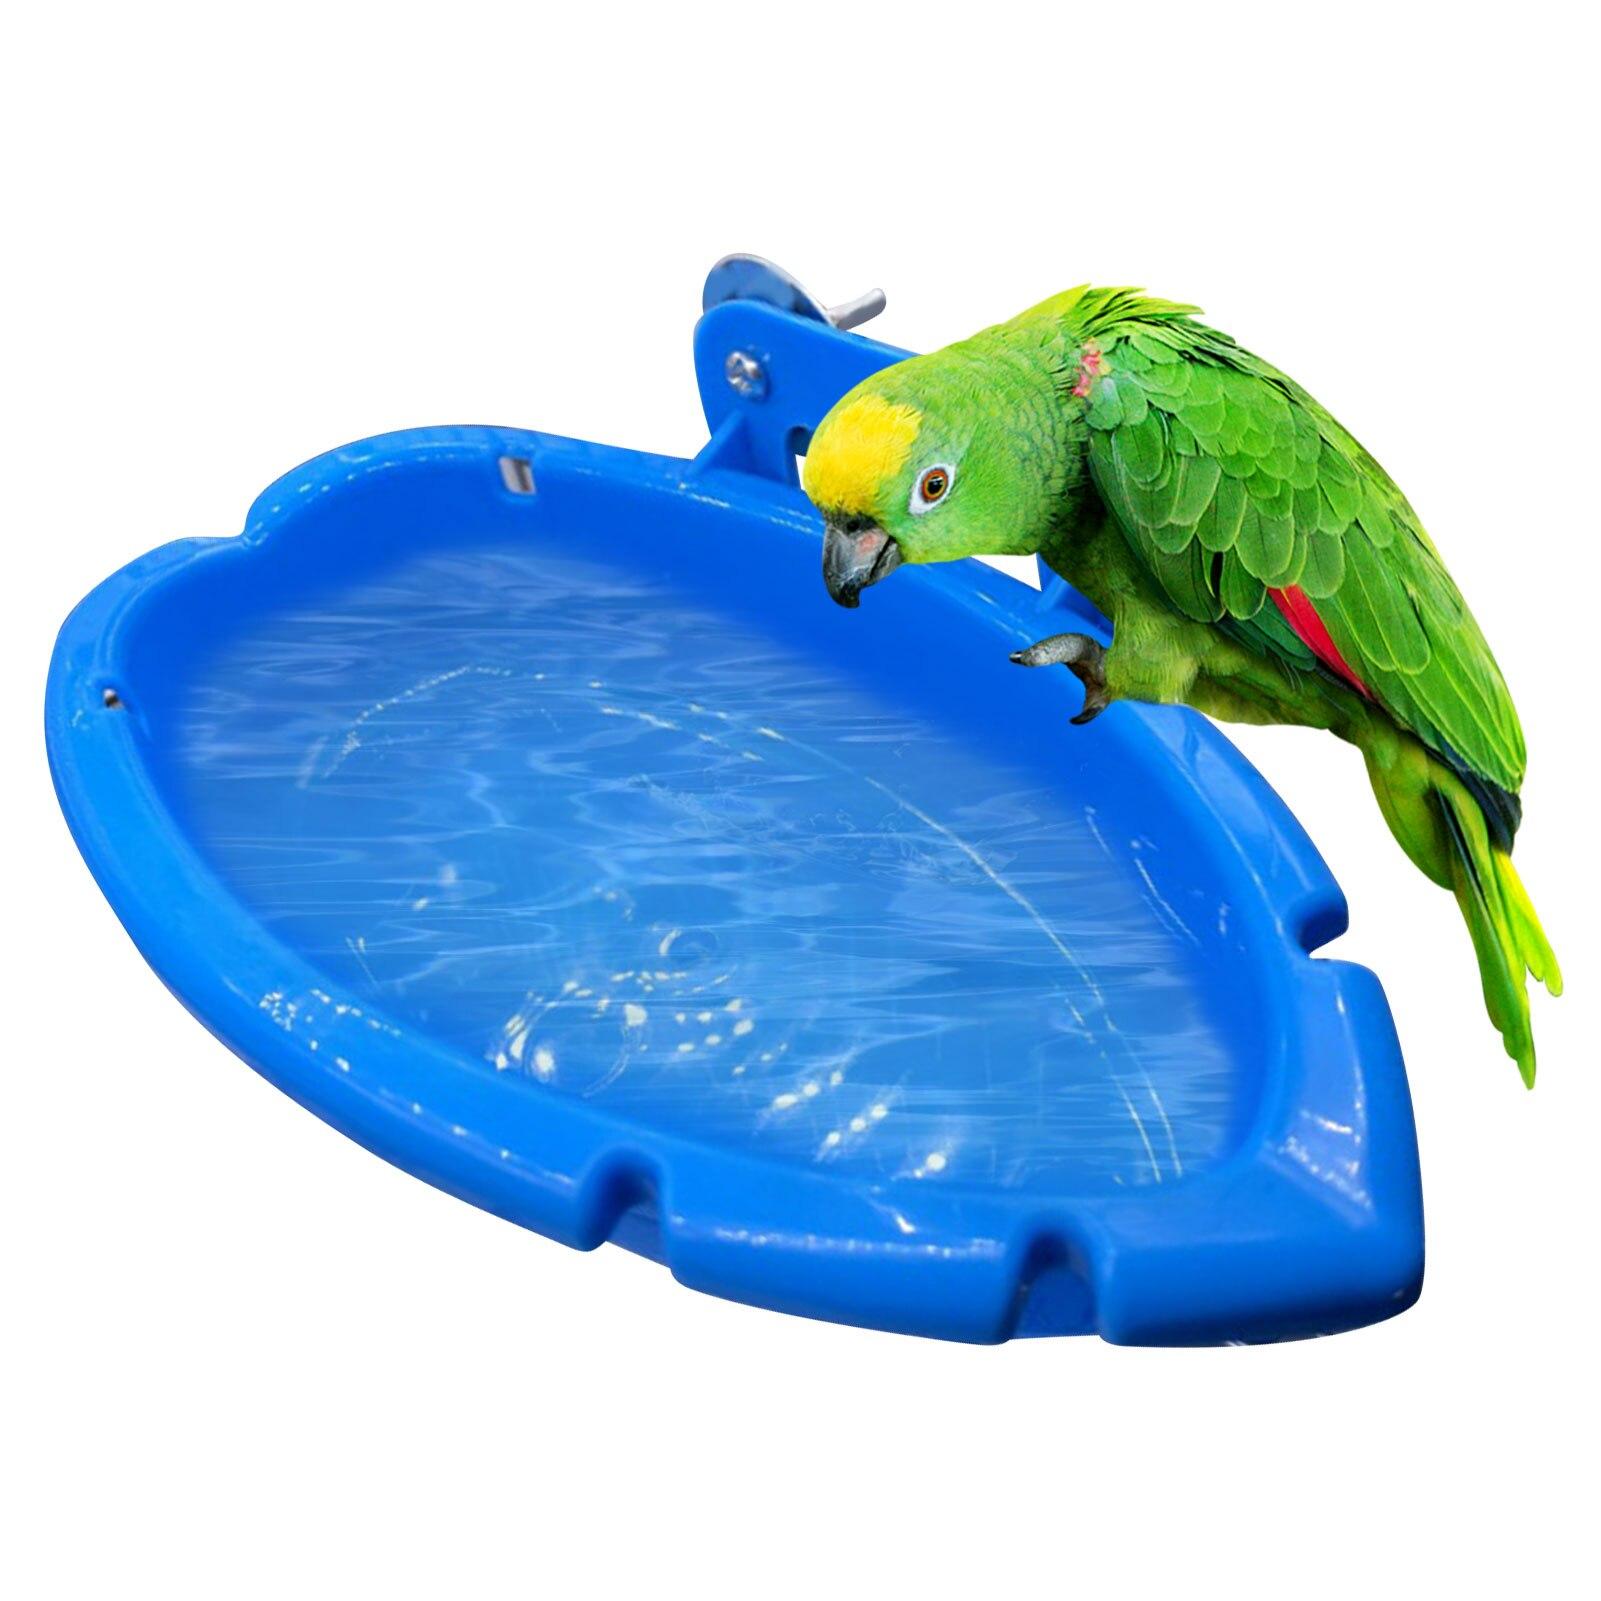 Bird Baths Tub Bowl Basin Parrot Cage Hanging Bathing Box Bird Birdbath Tub Parrot Bath Supplies Bath Room Feeder 1